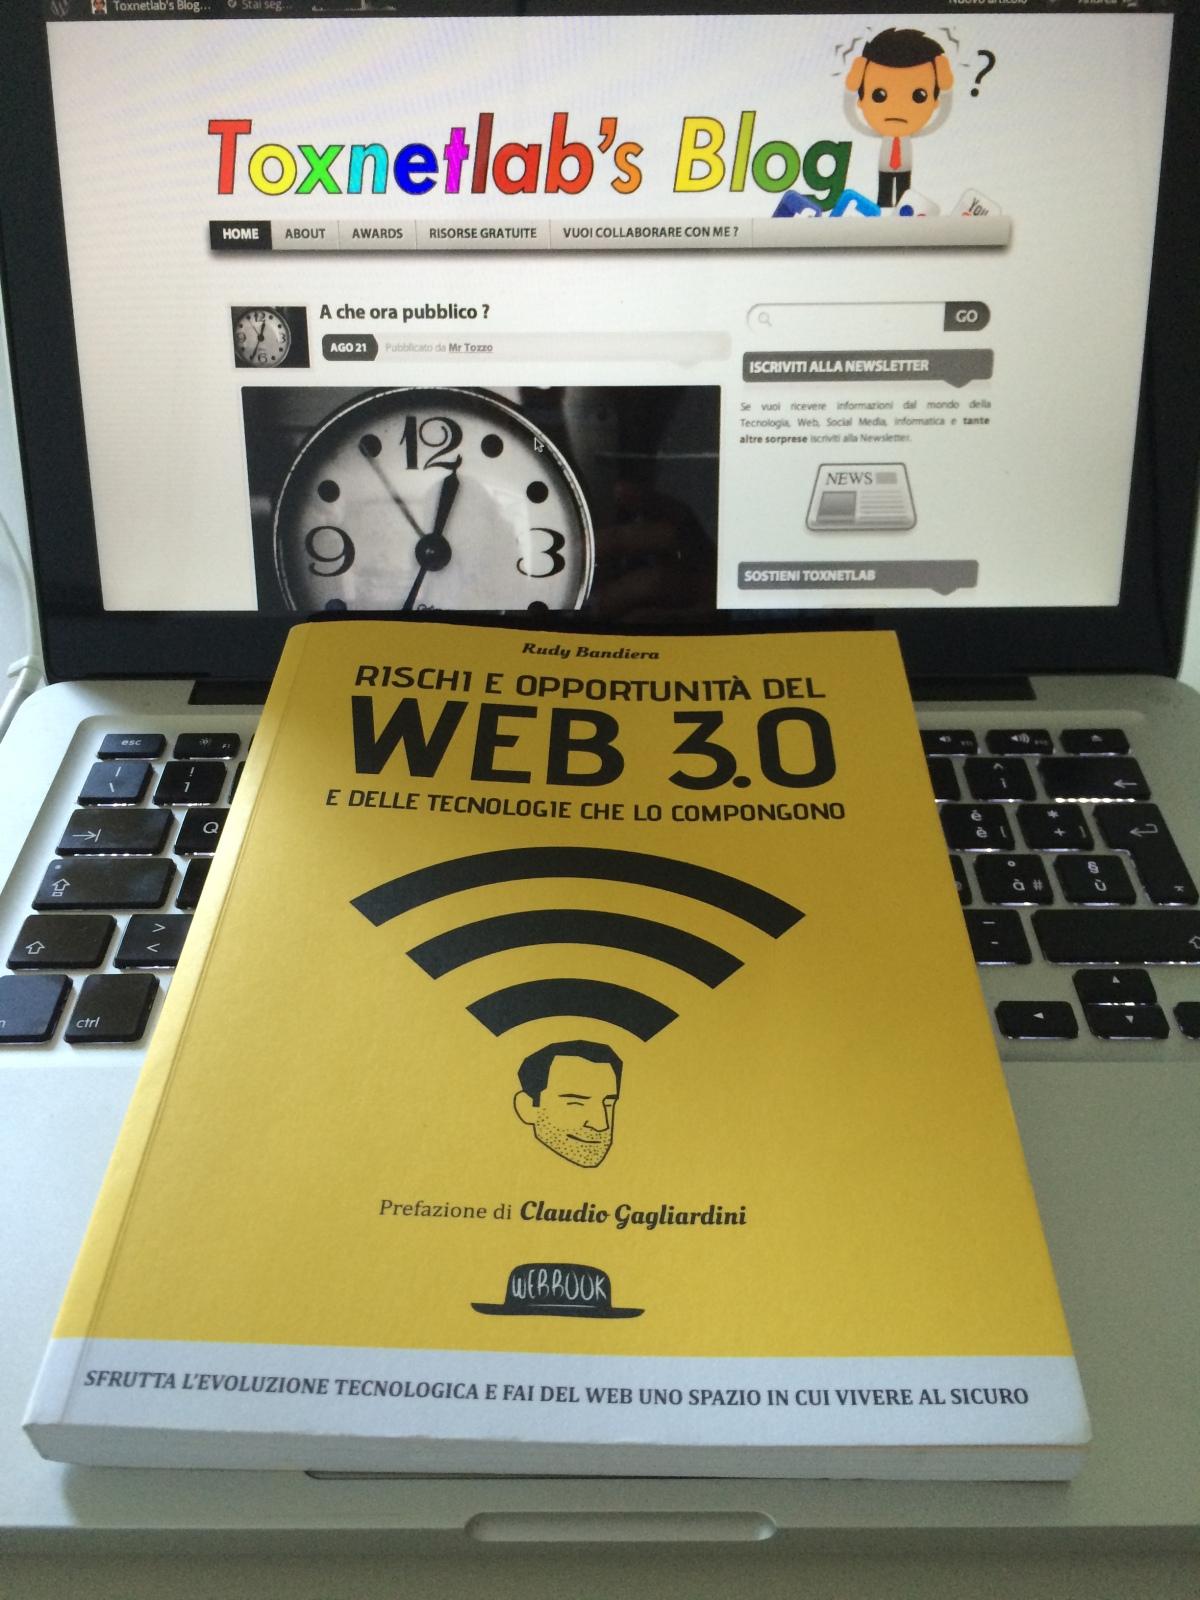 #RudyBandiera e il suo Web3.0